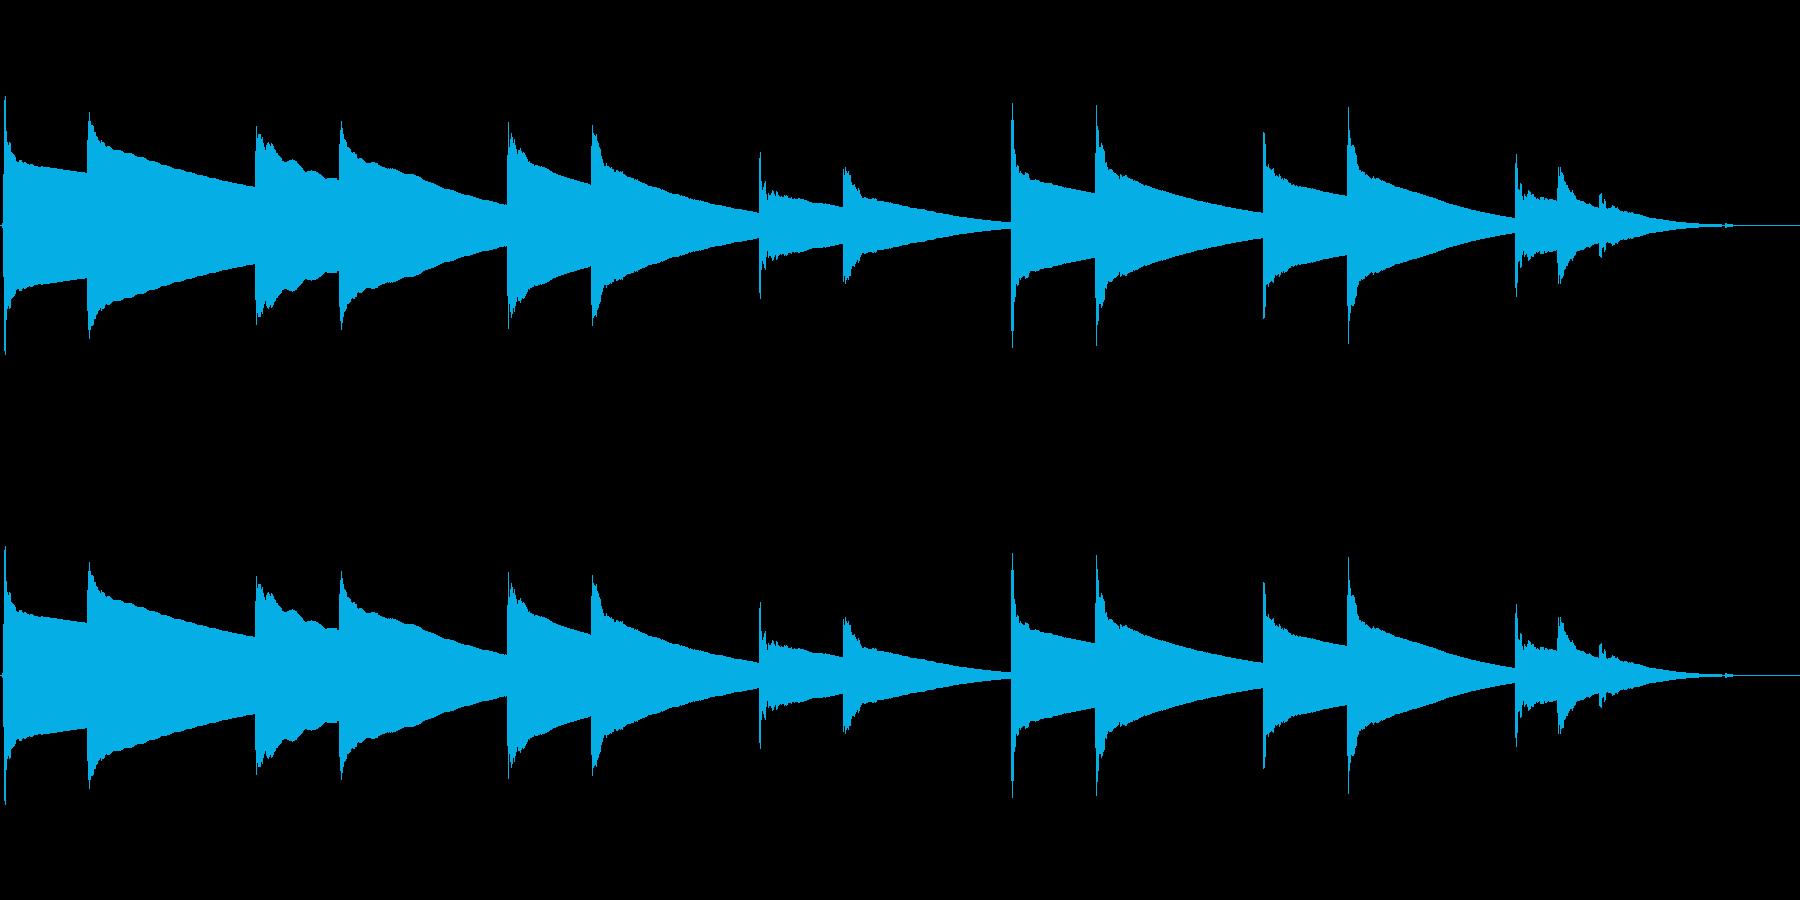 (15秒)哀愁漂うチェレスタオルゴール曲の再生済みの波形